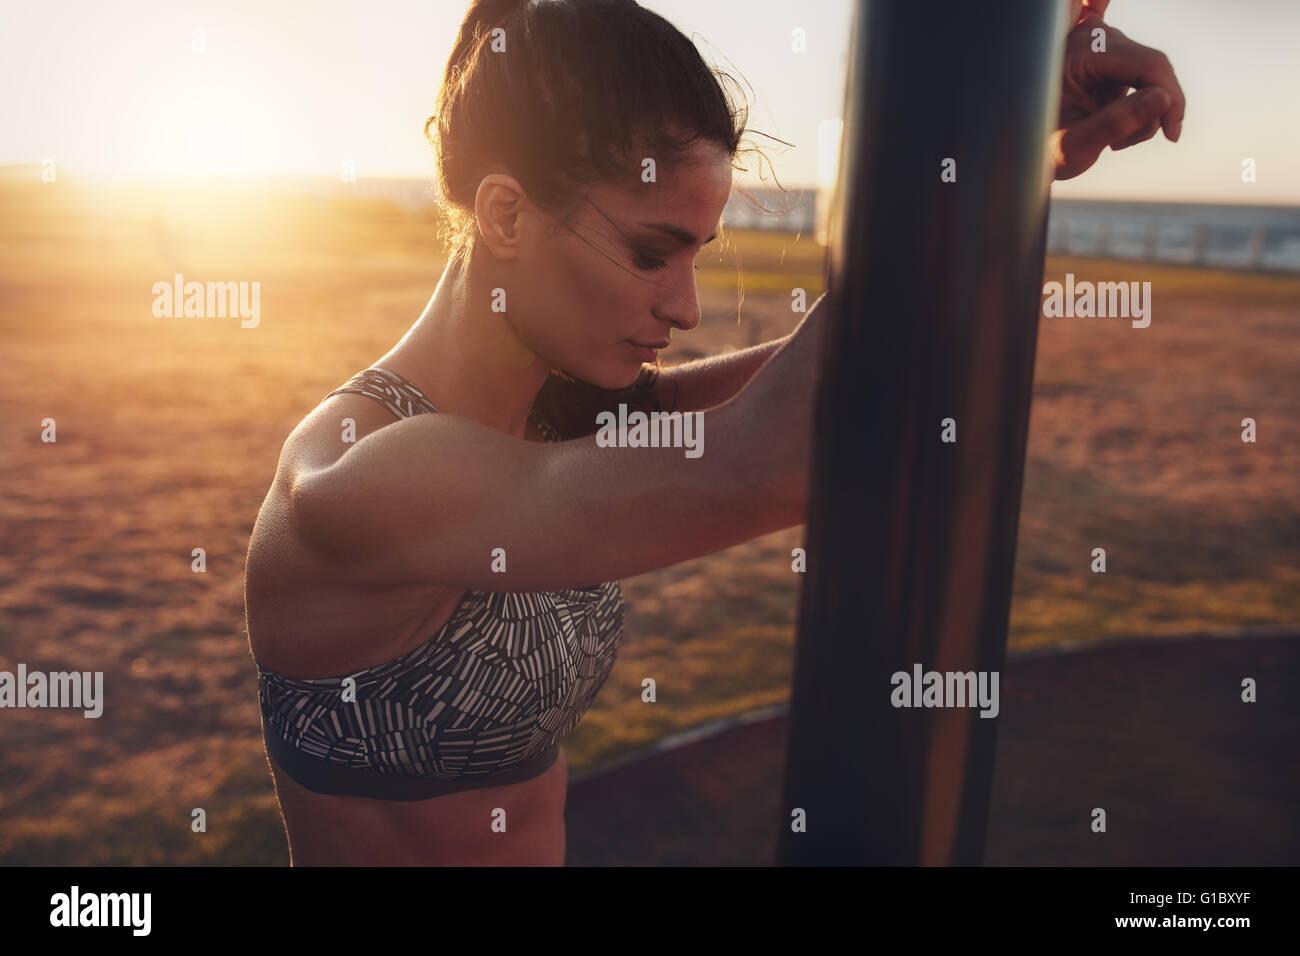 Schuss von Fit junge Frau am Strand bei Sonnenuntergang hautnah. Sportlerin gelehnt, um Ausrüstung am Strand Stockbild